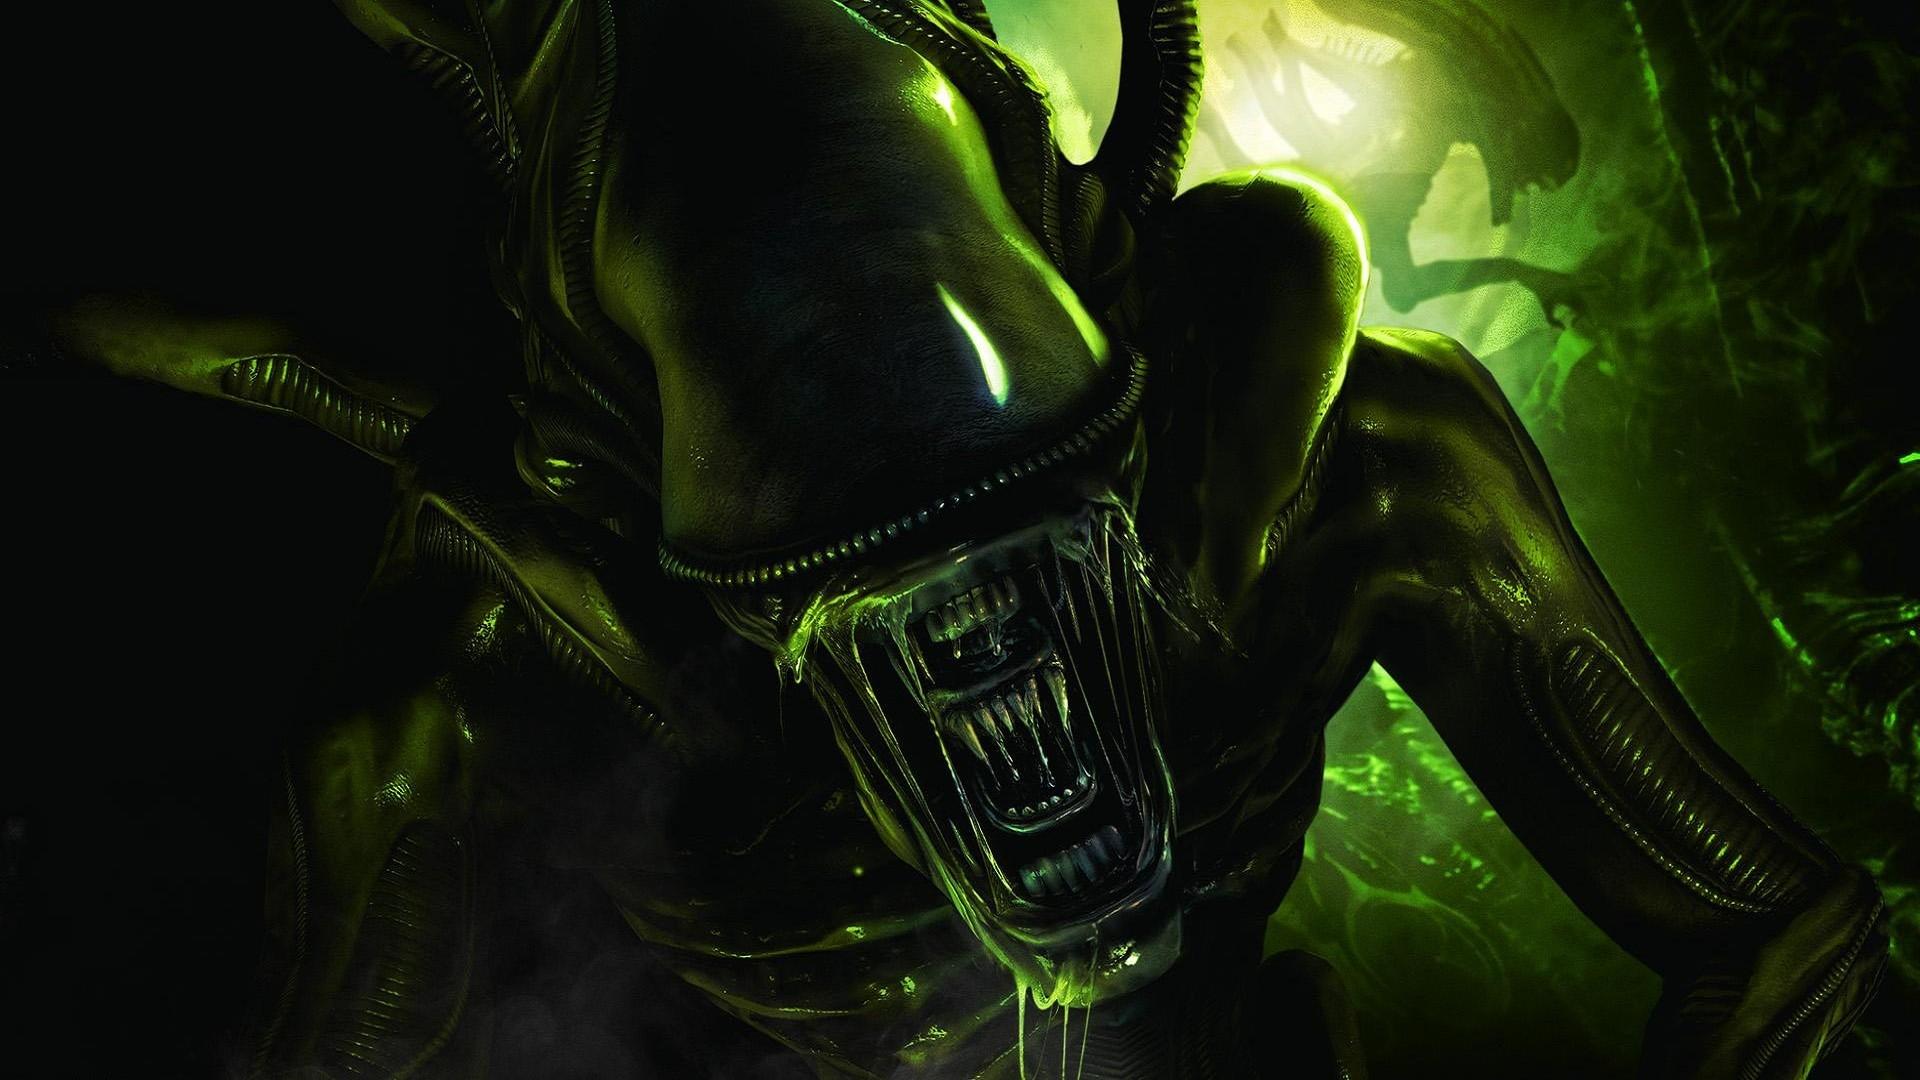 Res: 1920x1080, Alien Wallpaper